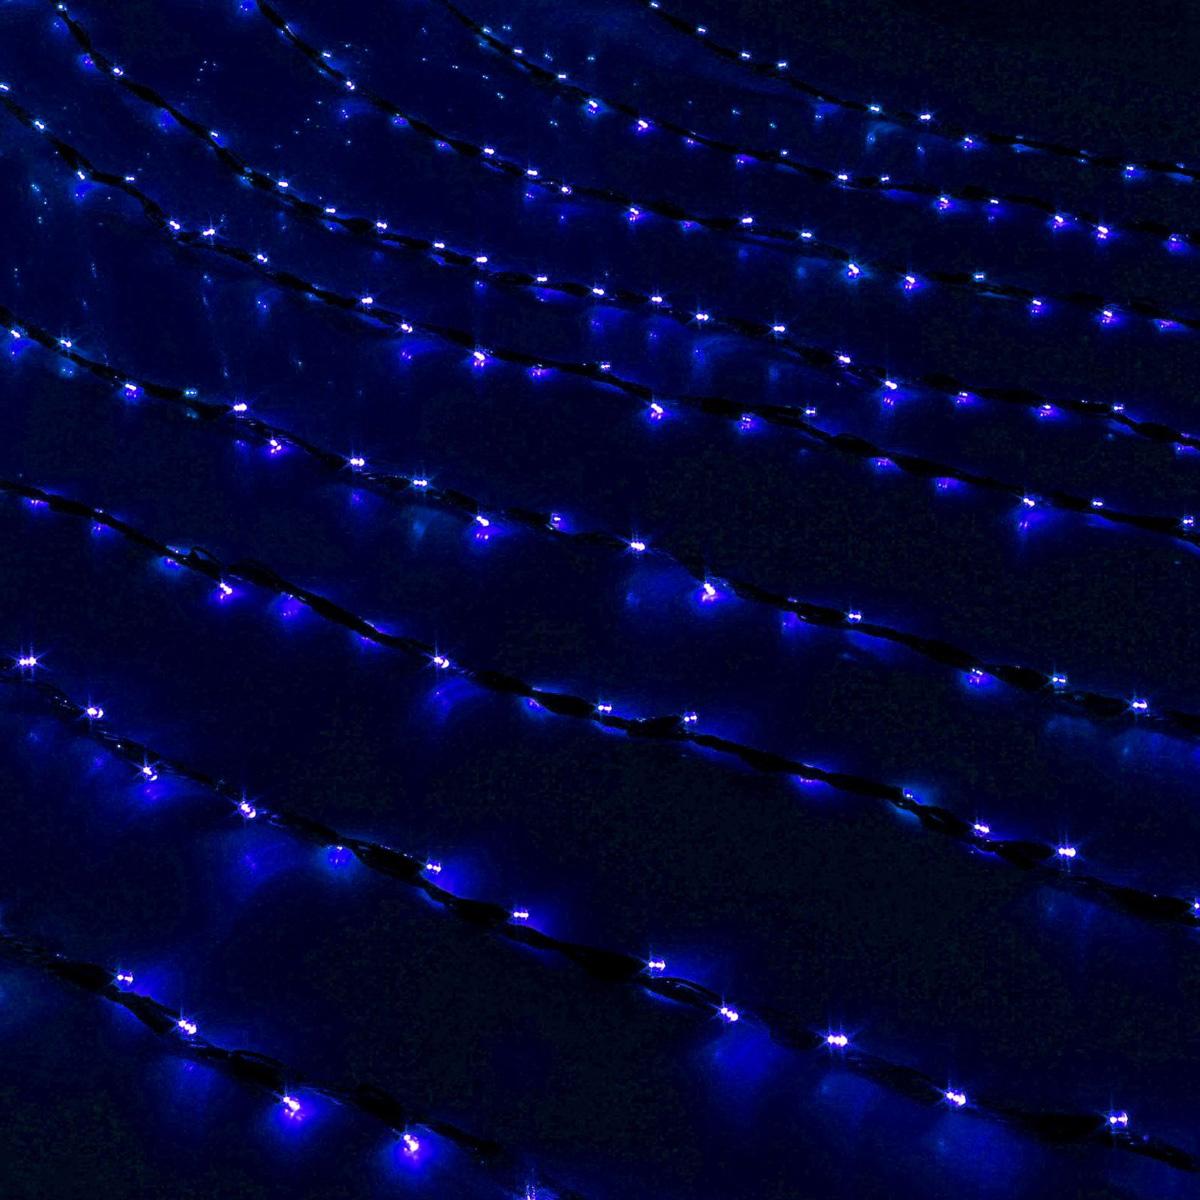 Гирлянда светодиодная Luazon Дождь, уличная, 800 ламп, 220 V, цвет: синий, 2 х 3 м. 187324187324Светодиодные гирлянды, ленты и т.д — это отличный вариант для новогоднего оформления интерьера или фасада. С их помощью помещение любого размера можно превратить в праздничный зал, а внешние элементы зданий, украшенные ими, мгновенно станут напоминать очертания сказочного дворца. Такие украшения создают ауру предвкушения чуда. Деревья, фасады, витрины, окна и арки будто специально созданы, чтобы вы украсили их светящимися нитями.